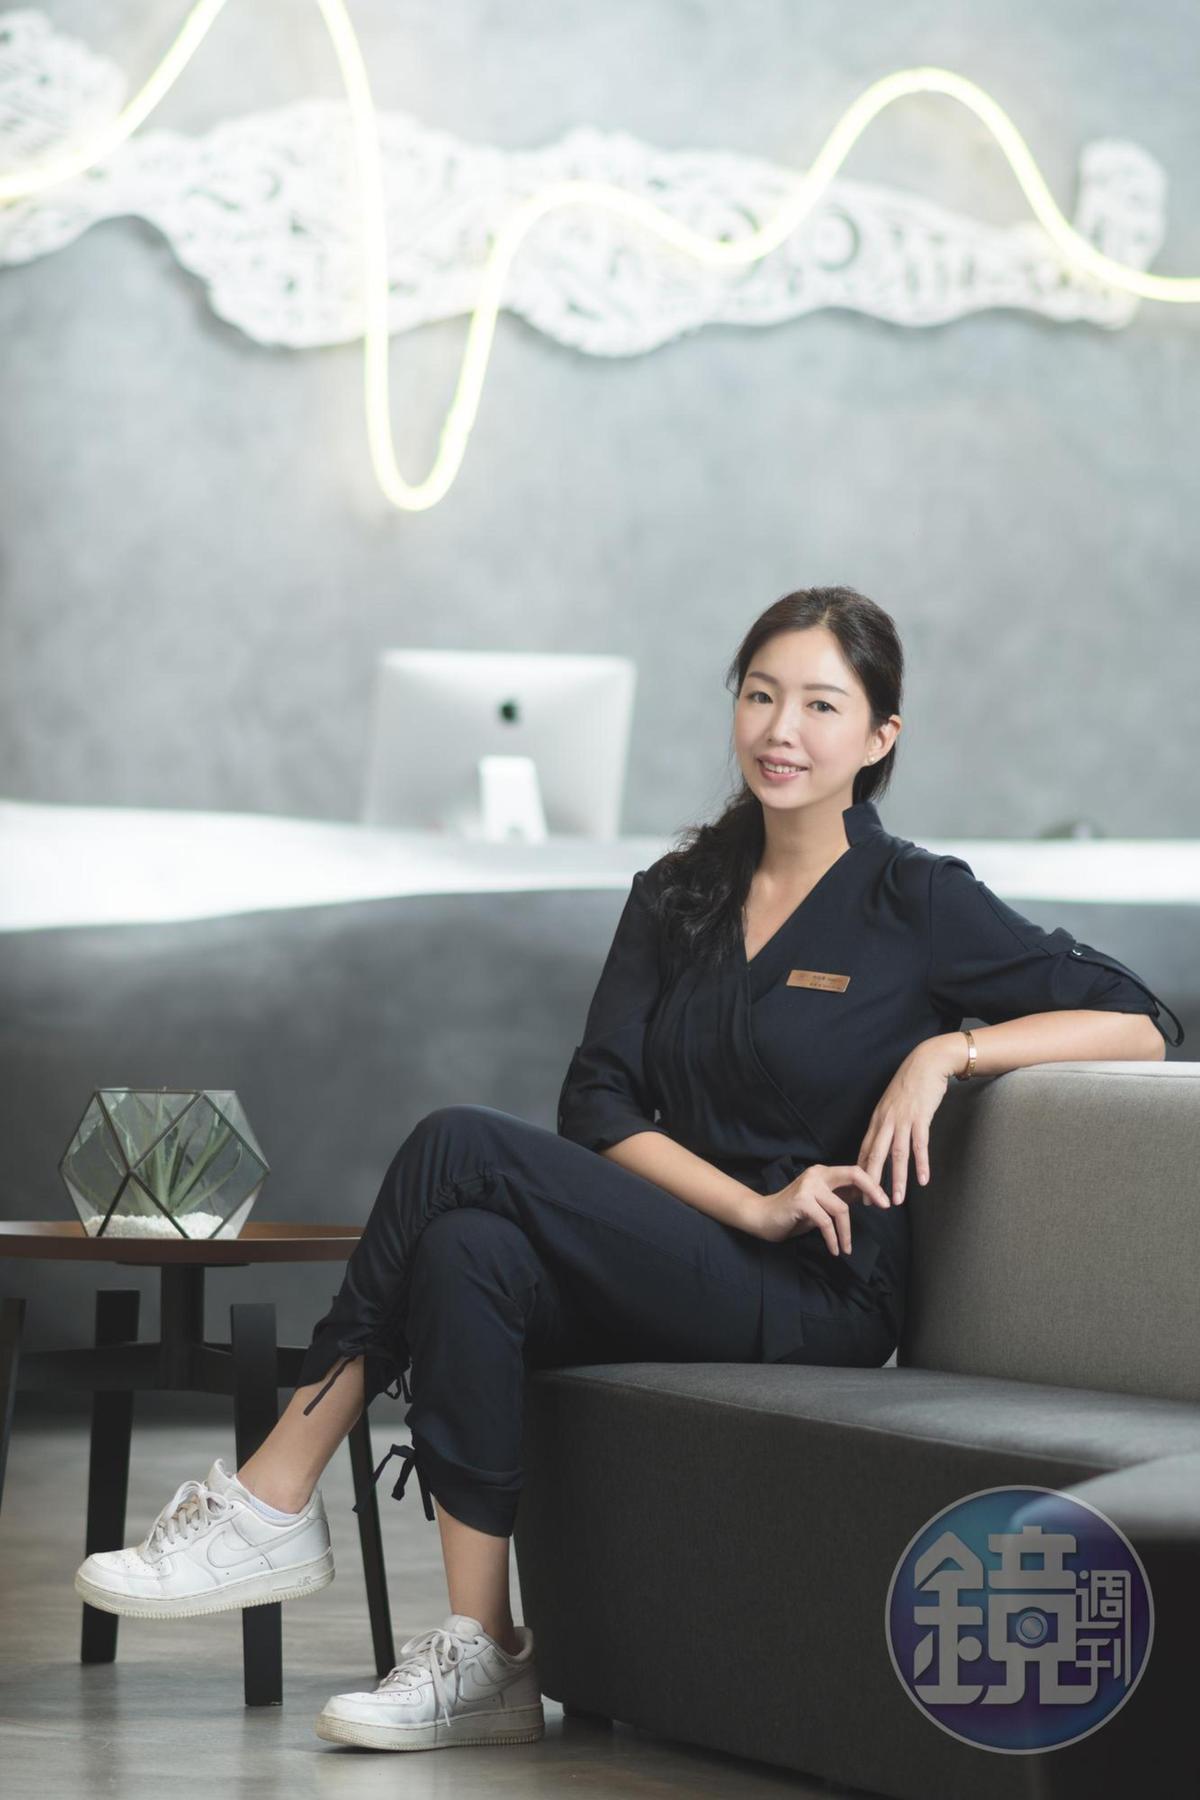 總經理林佑珊跟先生從美國搬回高雄,蘊釀多年想在家鄉蓋一棟好住、好吃的全新飯店。(比歐緻居提供)